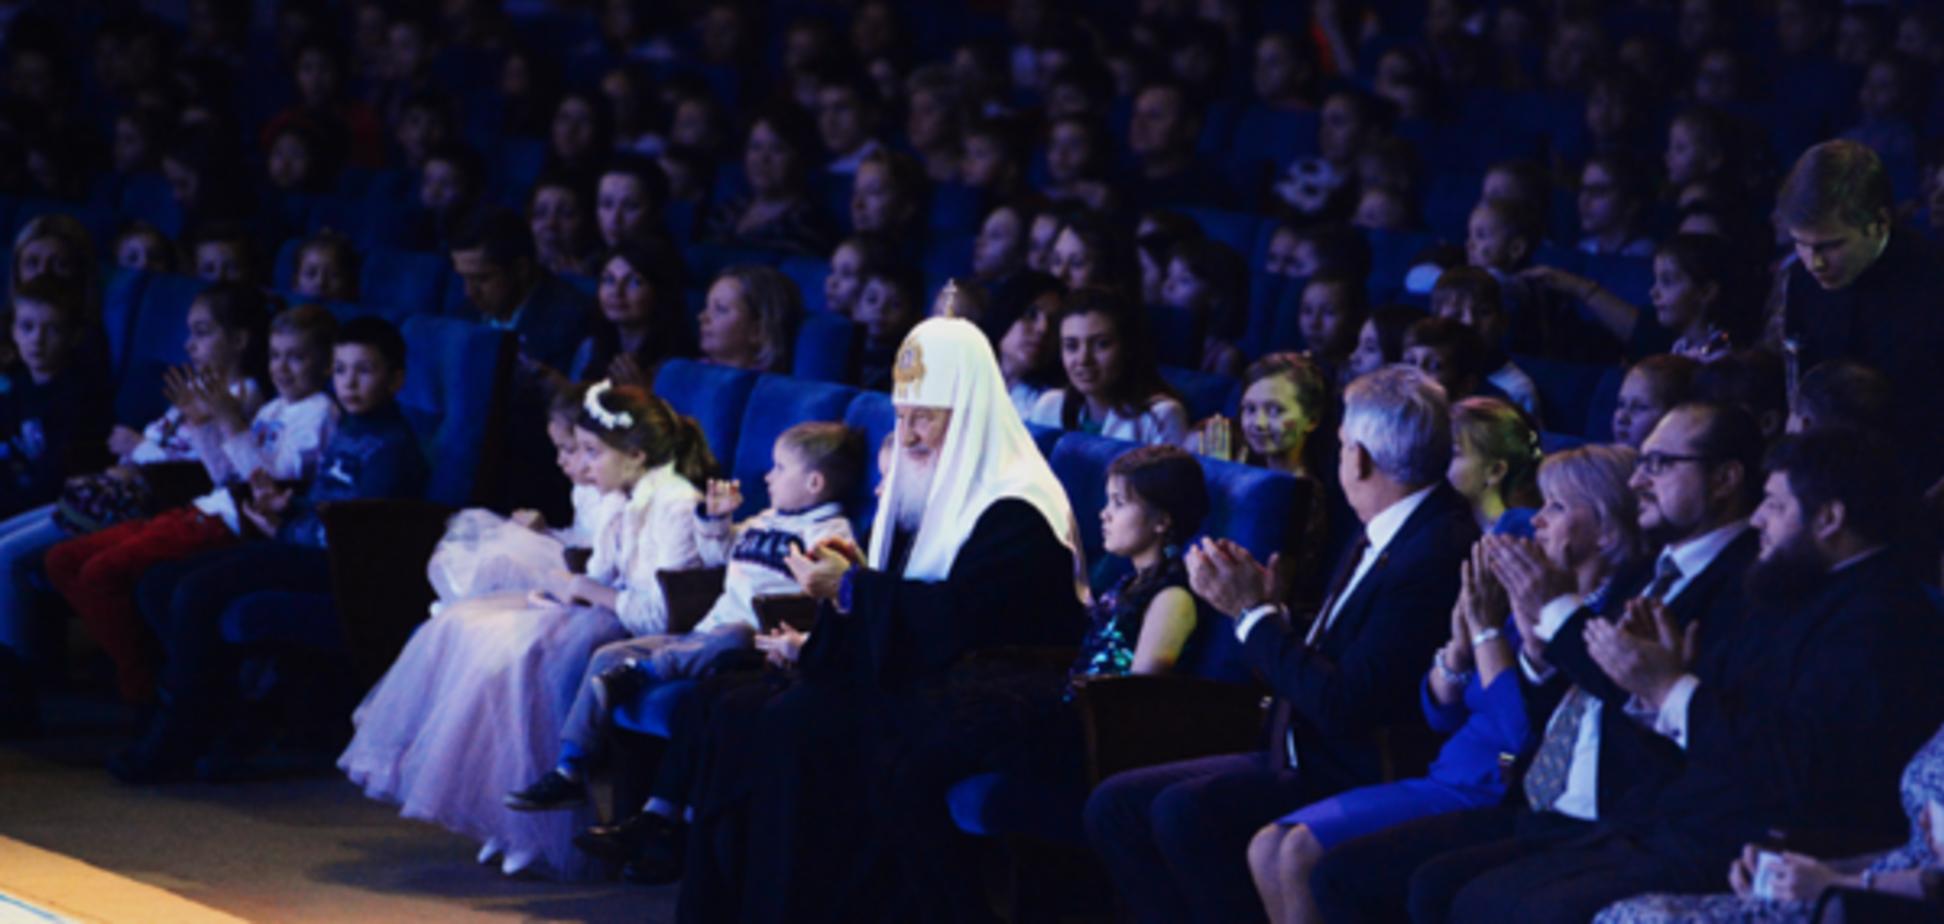 Патриарх Кирилл на празднике Рождественской елки в Кремле